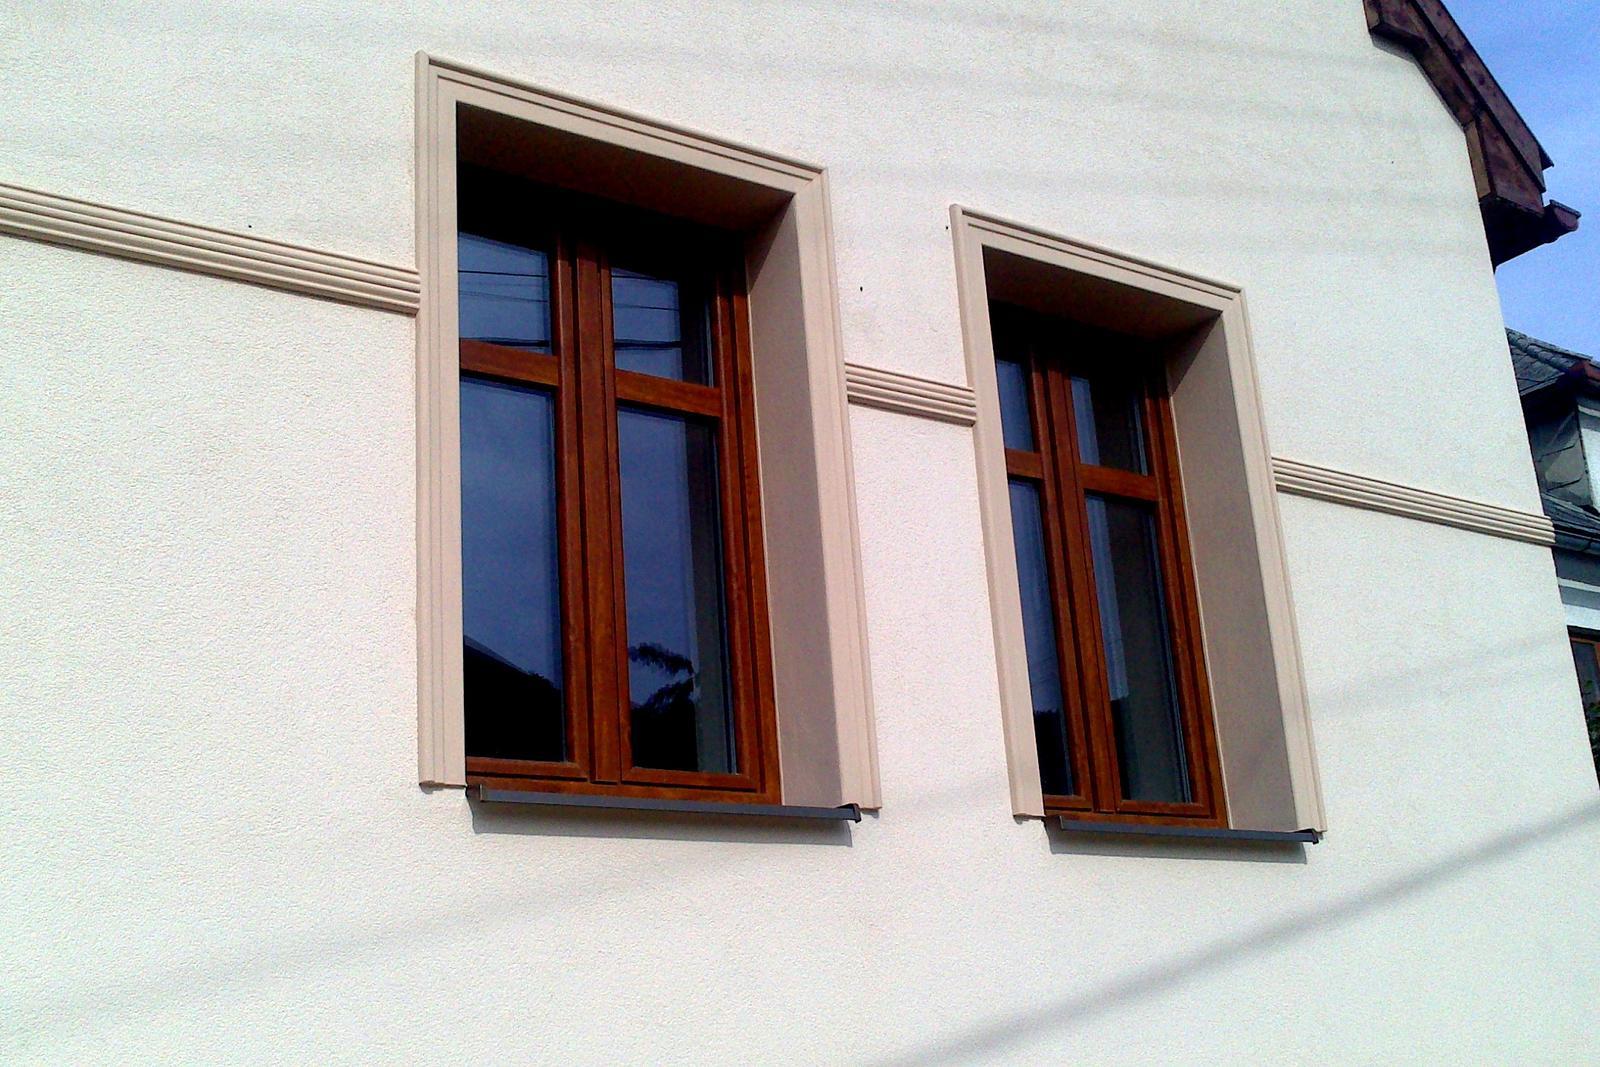 Rekonštrukcia domčeka z roku 1937 - Okolo okien sme dali inakšie šambrány, než mala pôvodná fasáda. Farbu fasády sme prispôsobovali odtieňu asfaltového šindľa, ktorý bol kýmsi položený o 9 rokov skôr. Ale niektoré staré (zatiaľ neopravené) domy v dedine majú šambrány na takýto spôsob